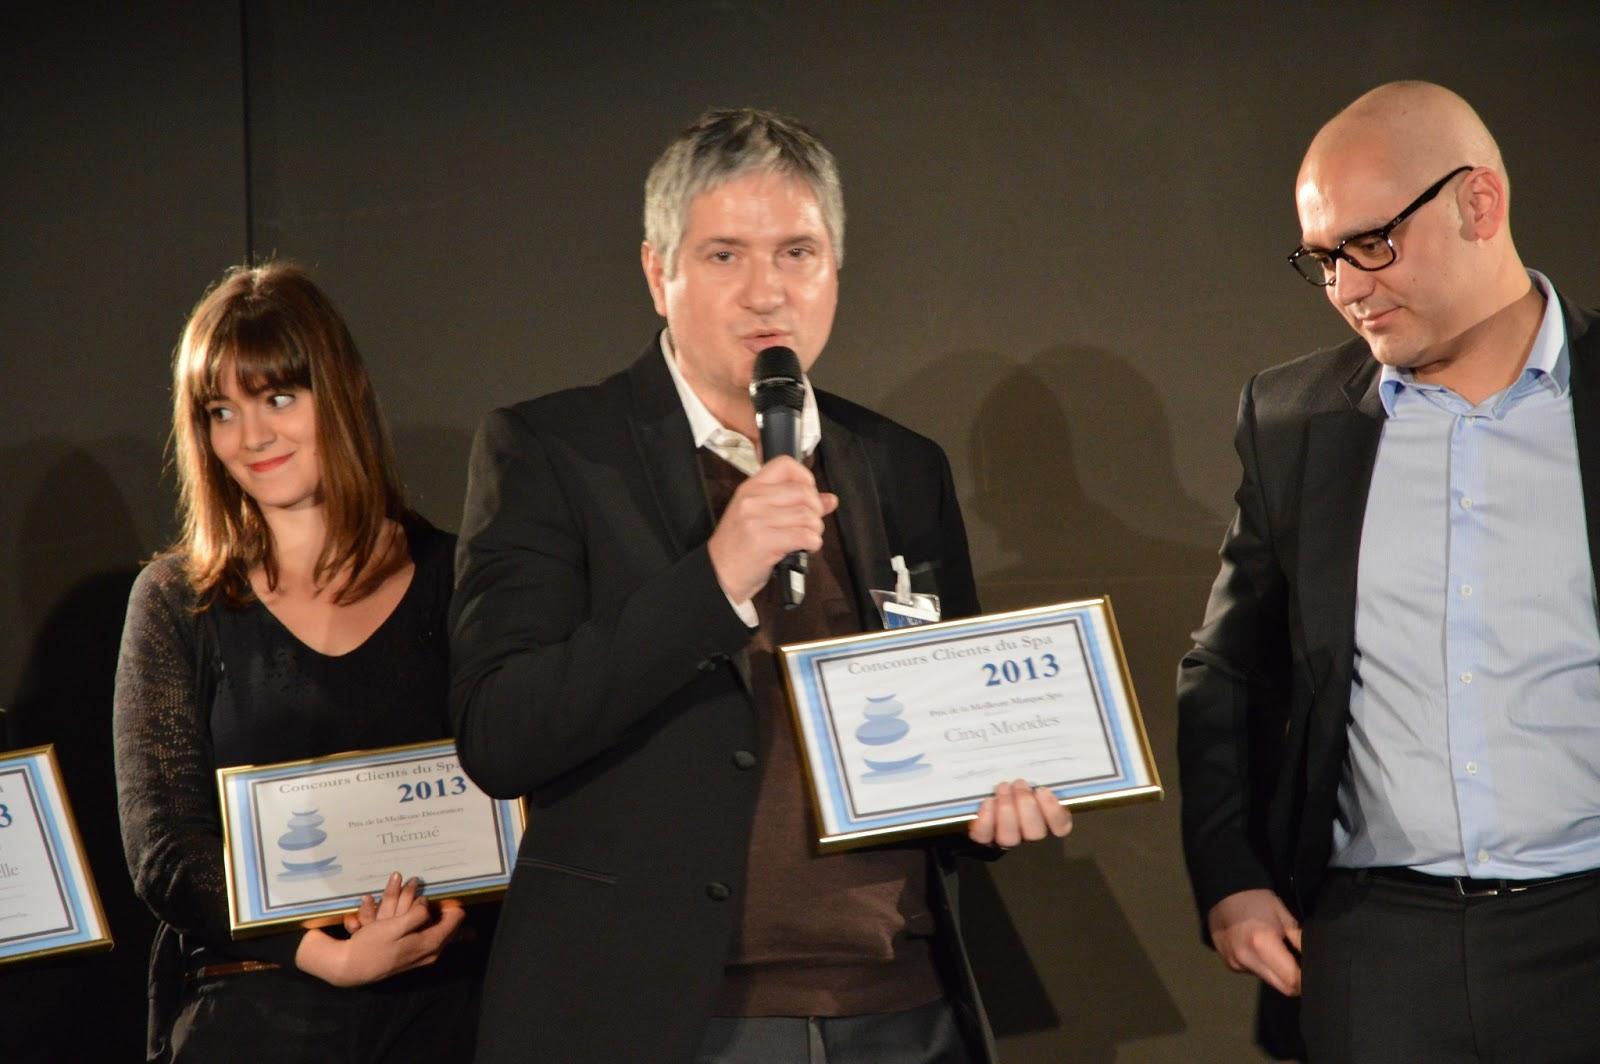 Concours clients mars 2013 - Meilleure marque de four ...